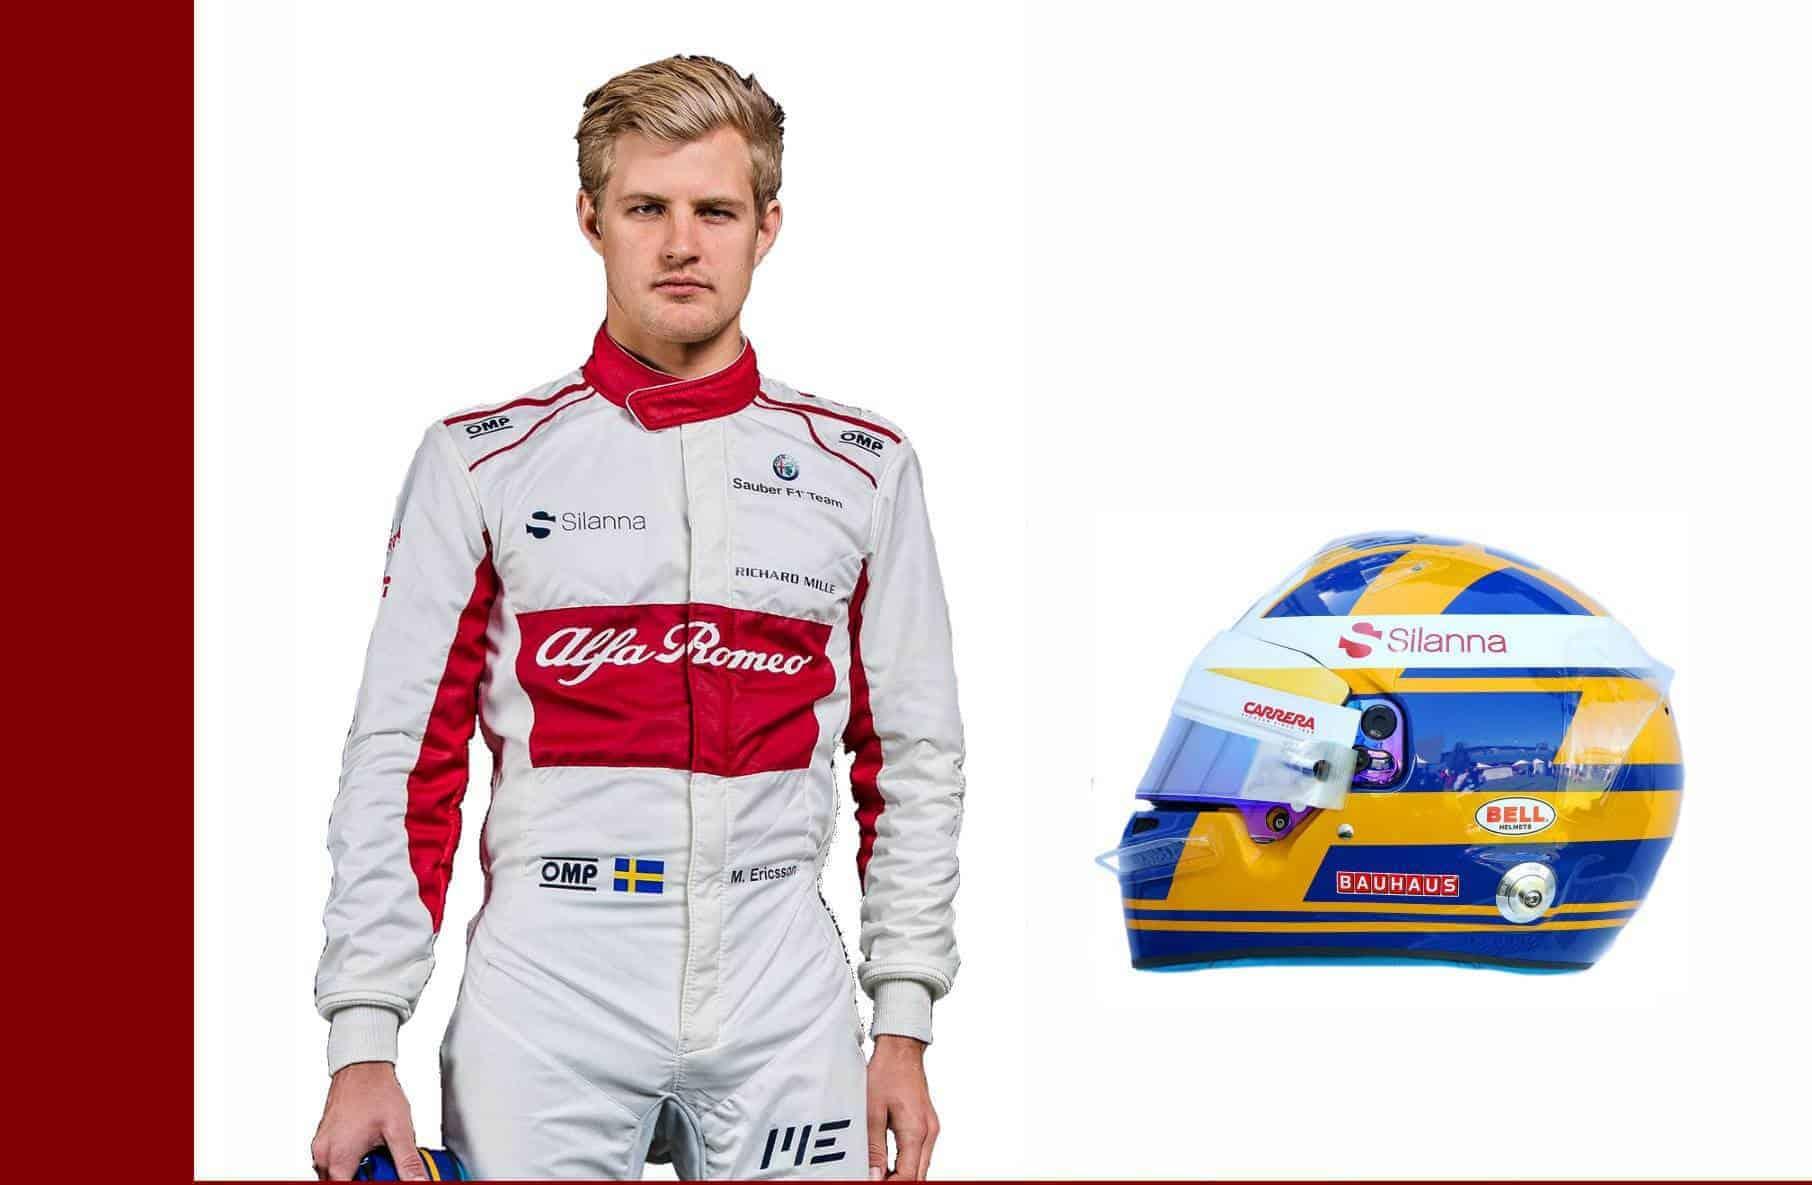 Marcus Ericsson Alfa Romeo Sauber F1 2018 drivers profile